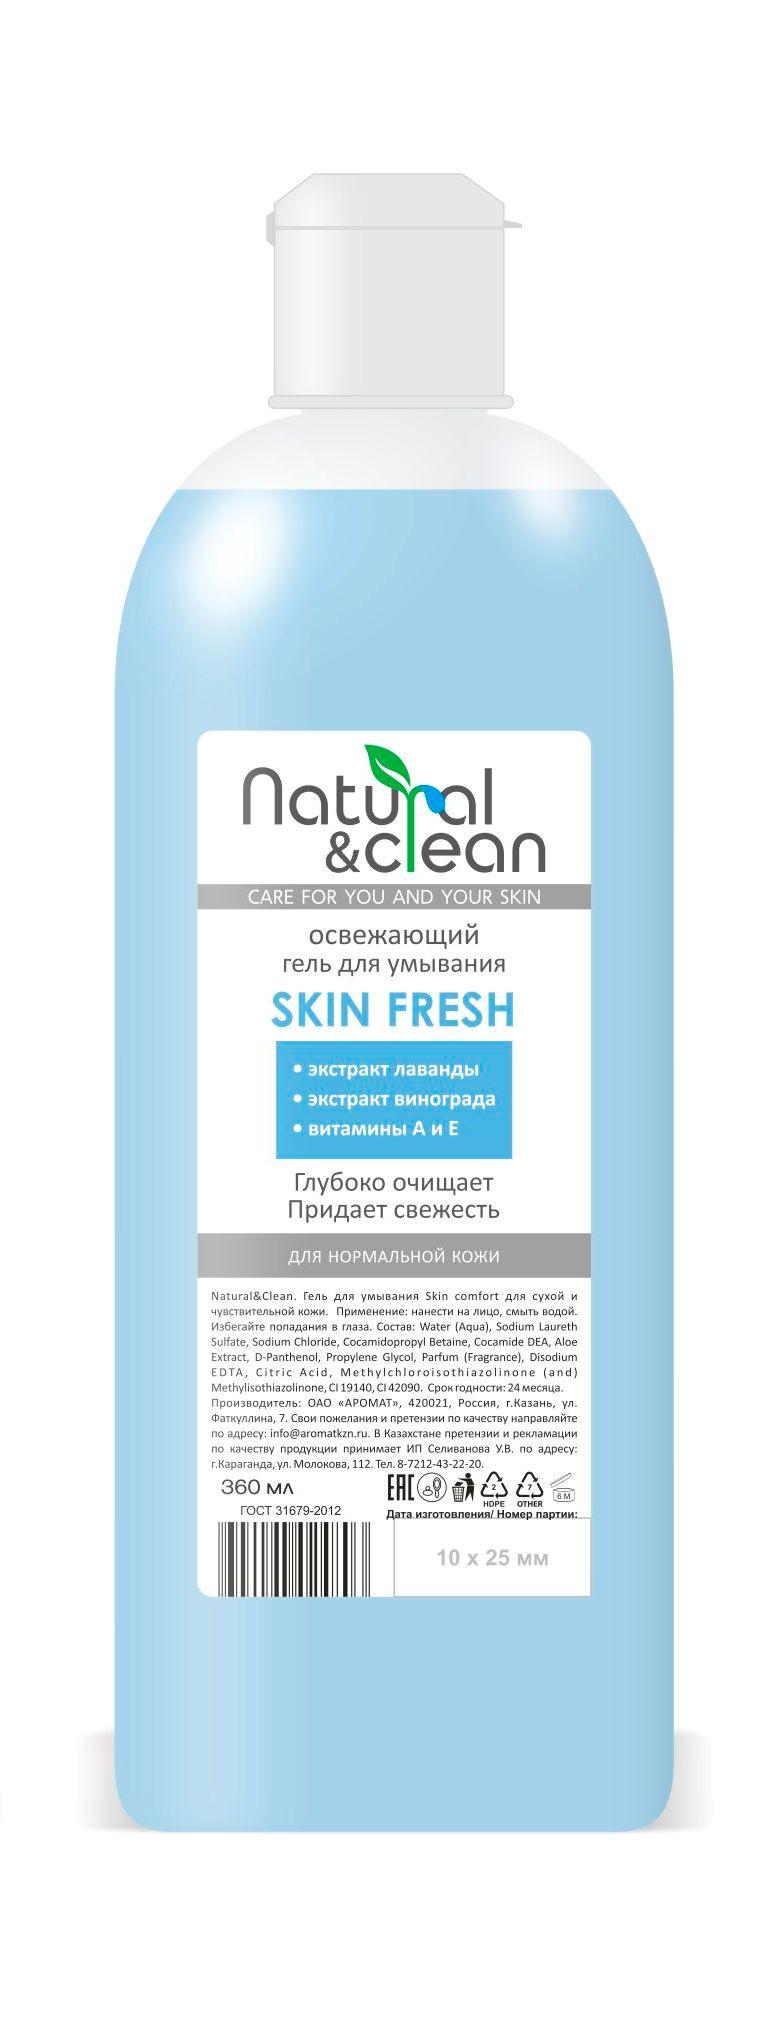 Гель для умывания NATURAL&CLEAN Освежающий Skin Fresh для нормальной кожи, 360 мл кондиционер для кожи cobra skin clean 0 5 л